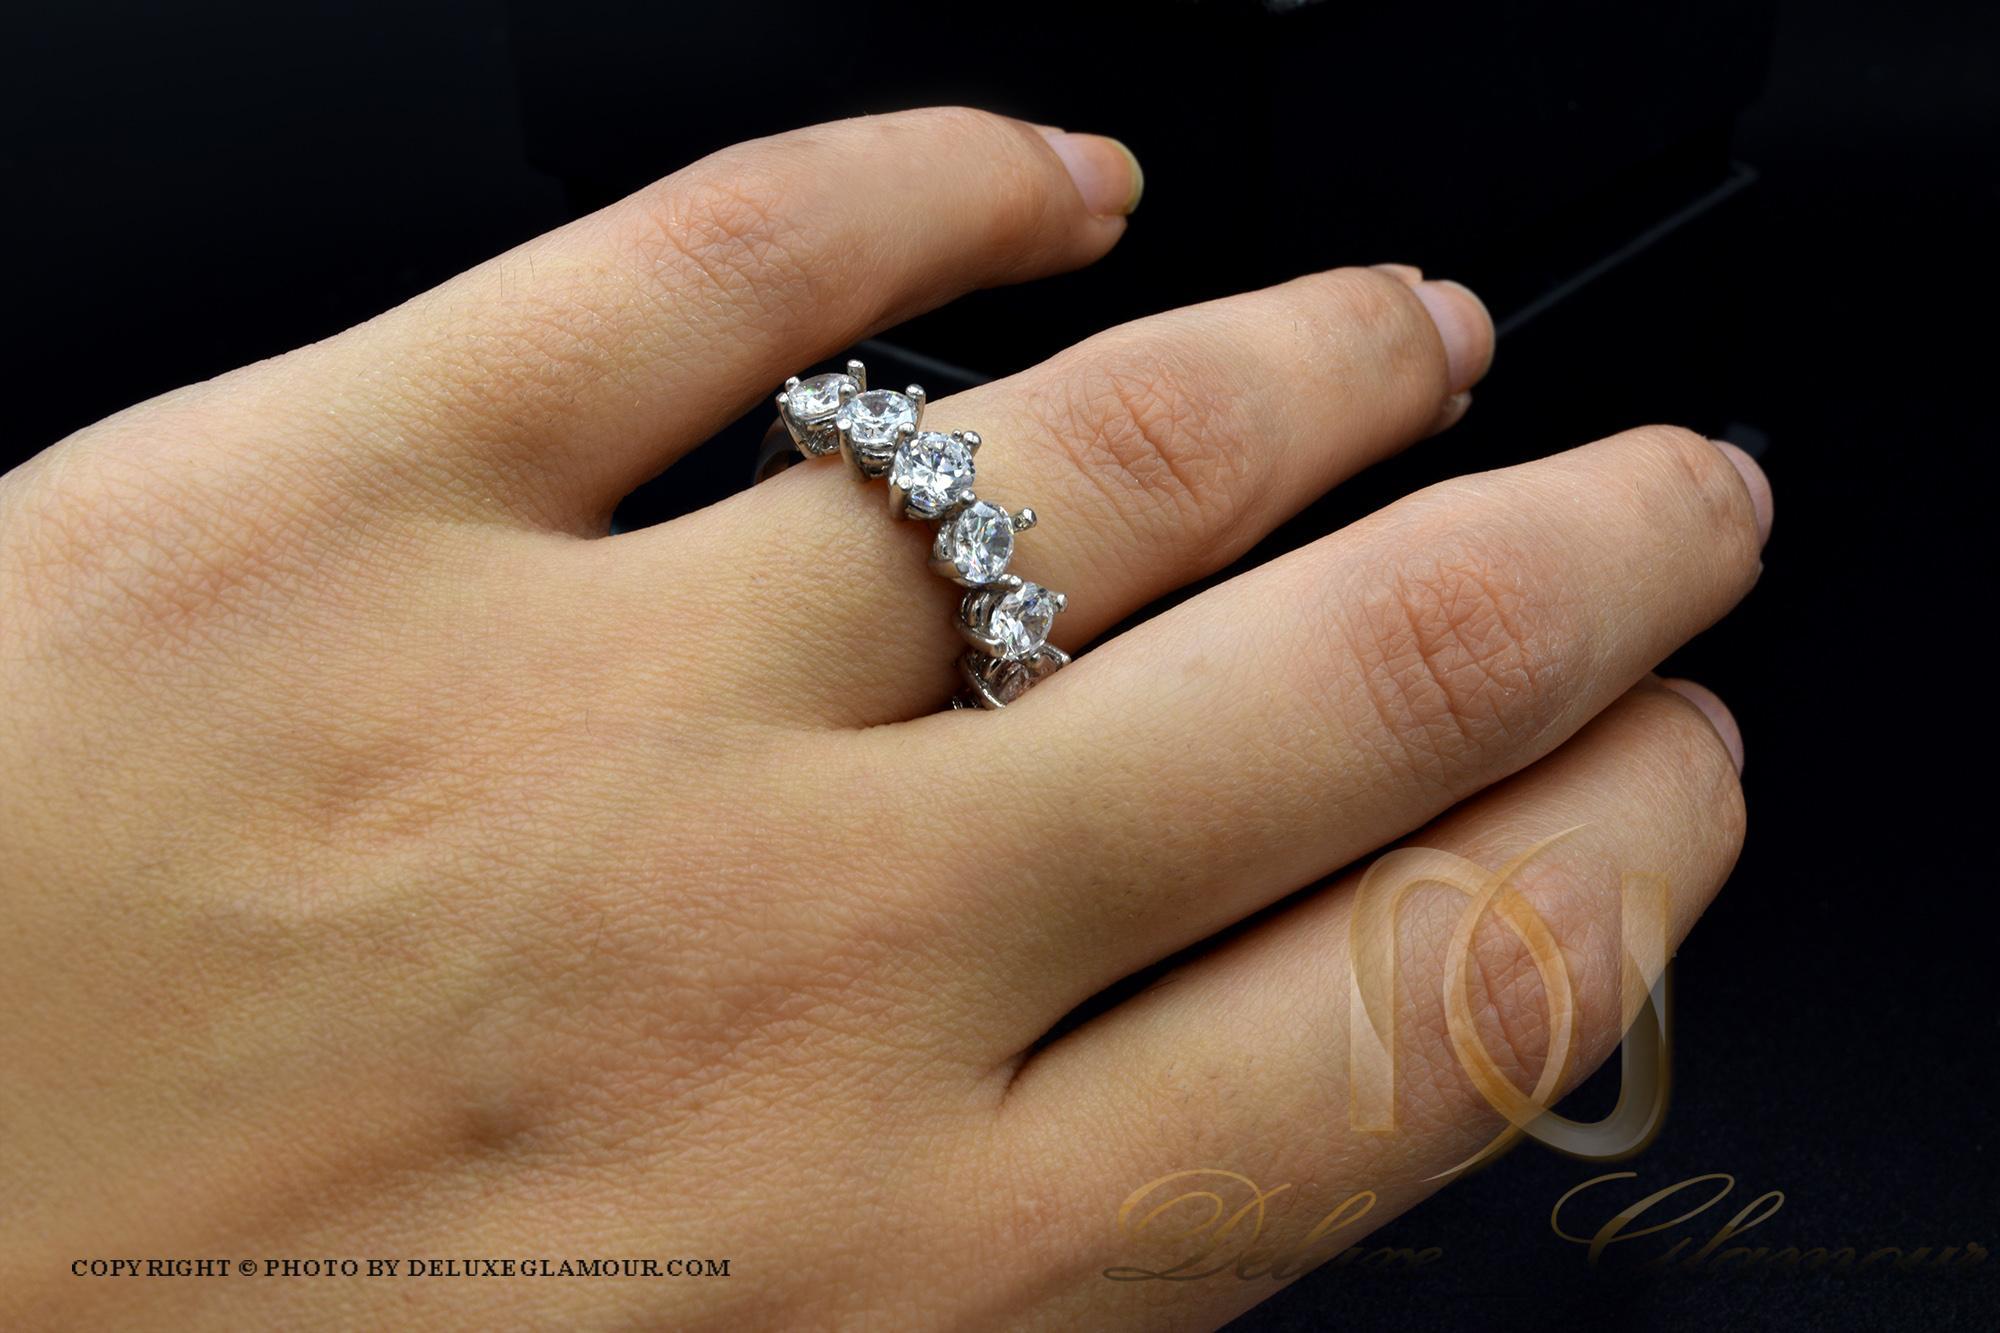 انگشتر دخترانه طرح نقره هفت نگین rg-n294 از نمای روی دست